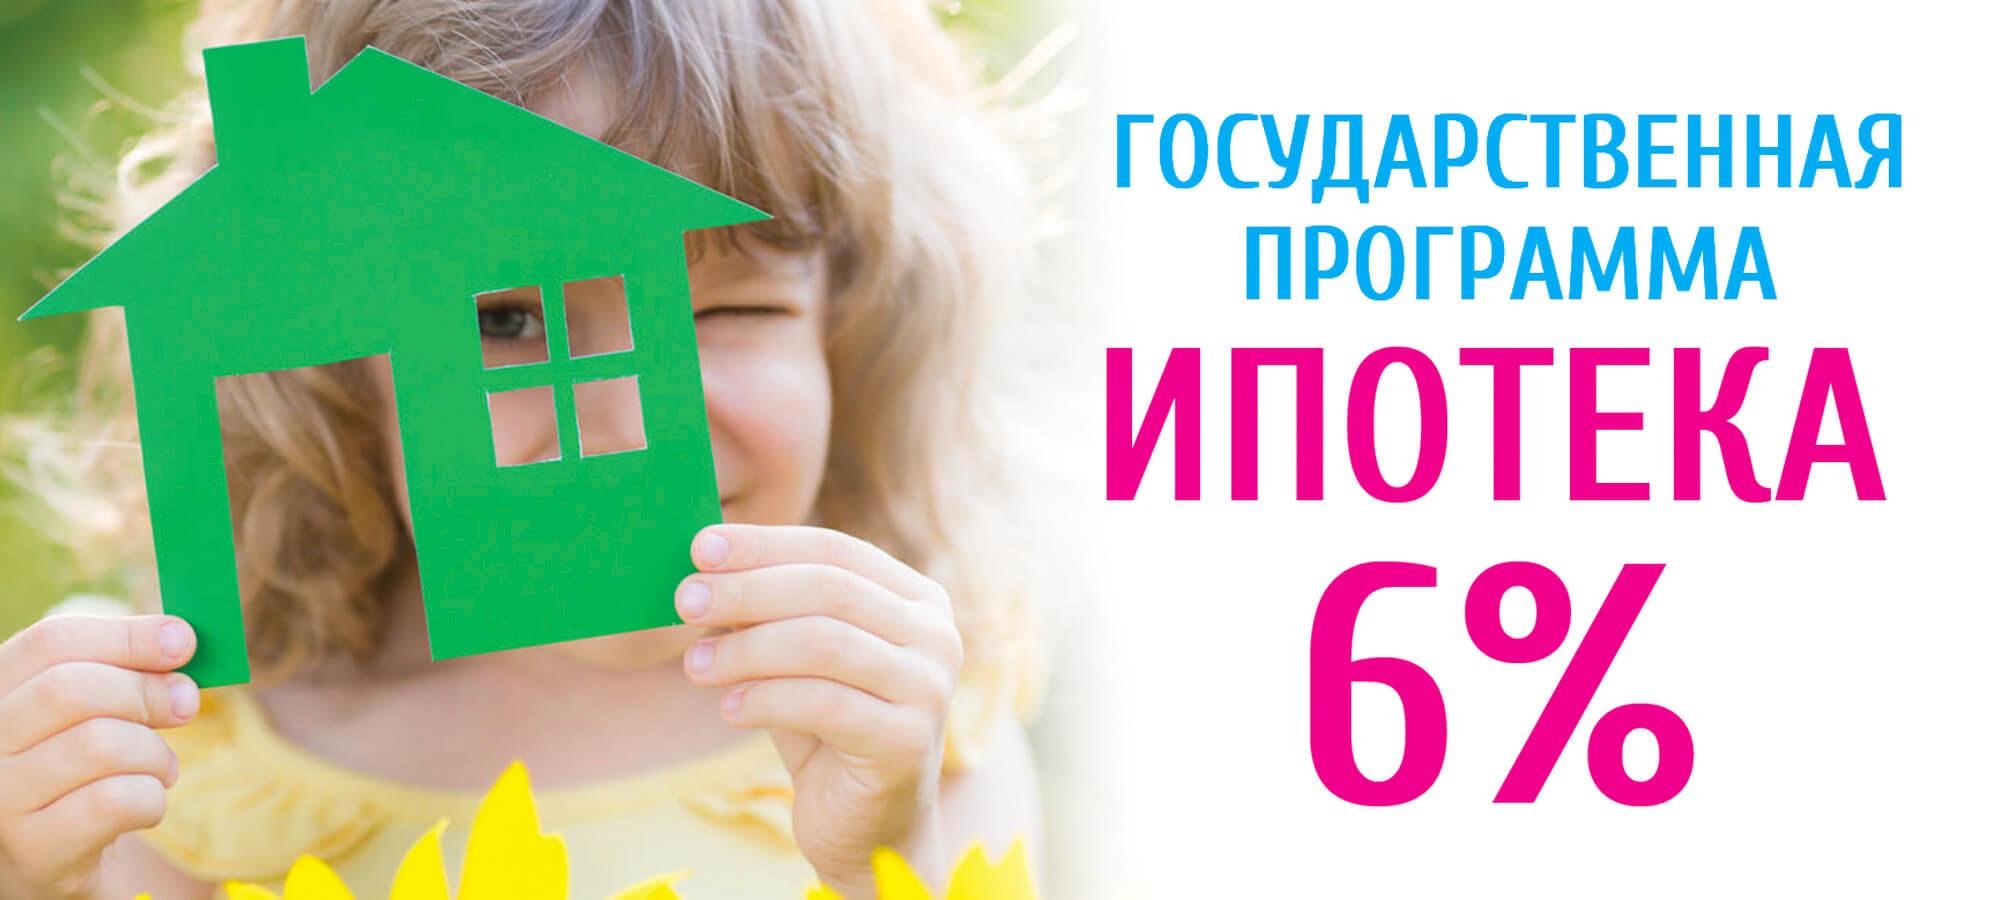 sk-stolica-novosti-19